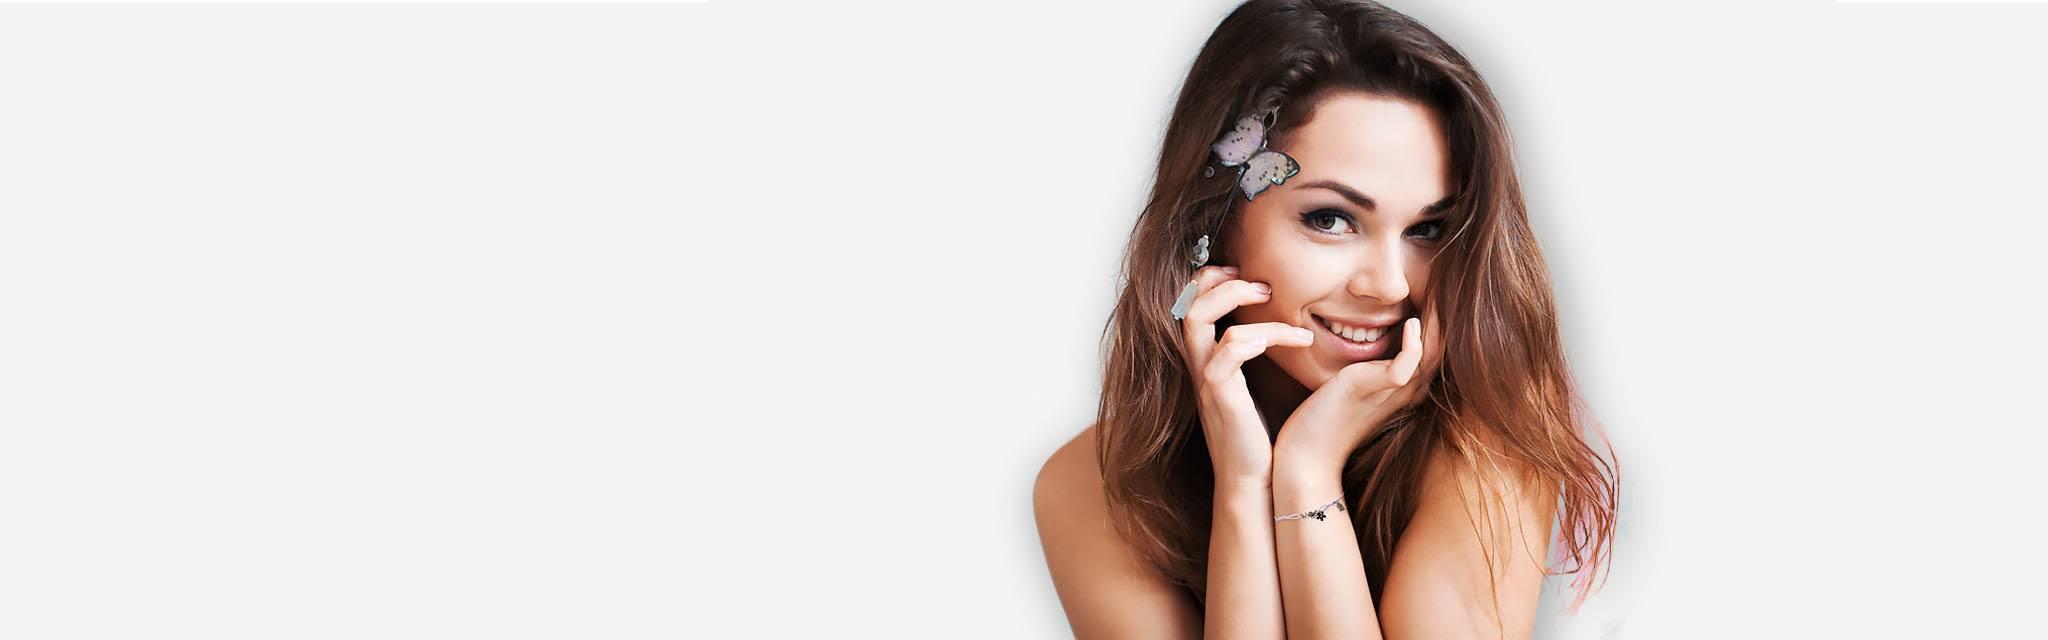 Joli bijou de tête Sébicotane, atelier Zor Paris. Papillon rose nude en hair band, bracelet lacet collection enfant et ado. Jeune fille fantaisie